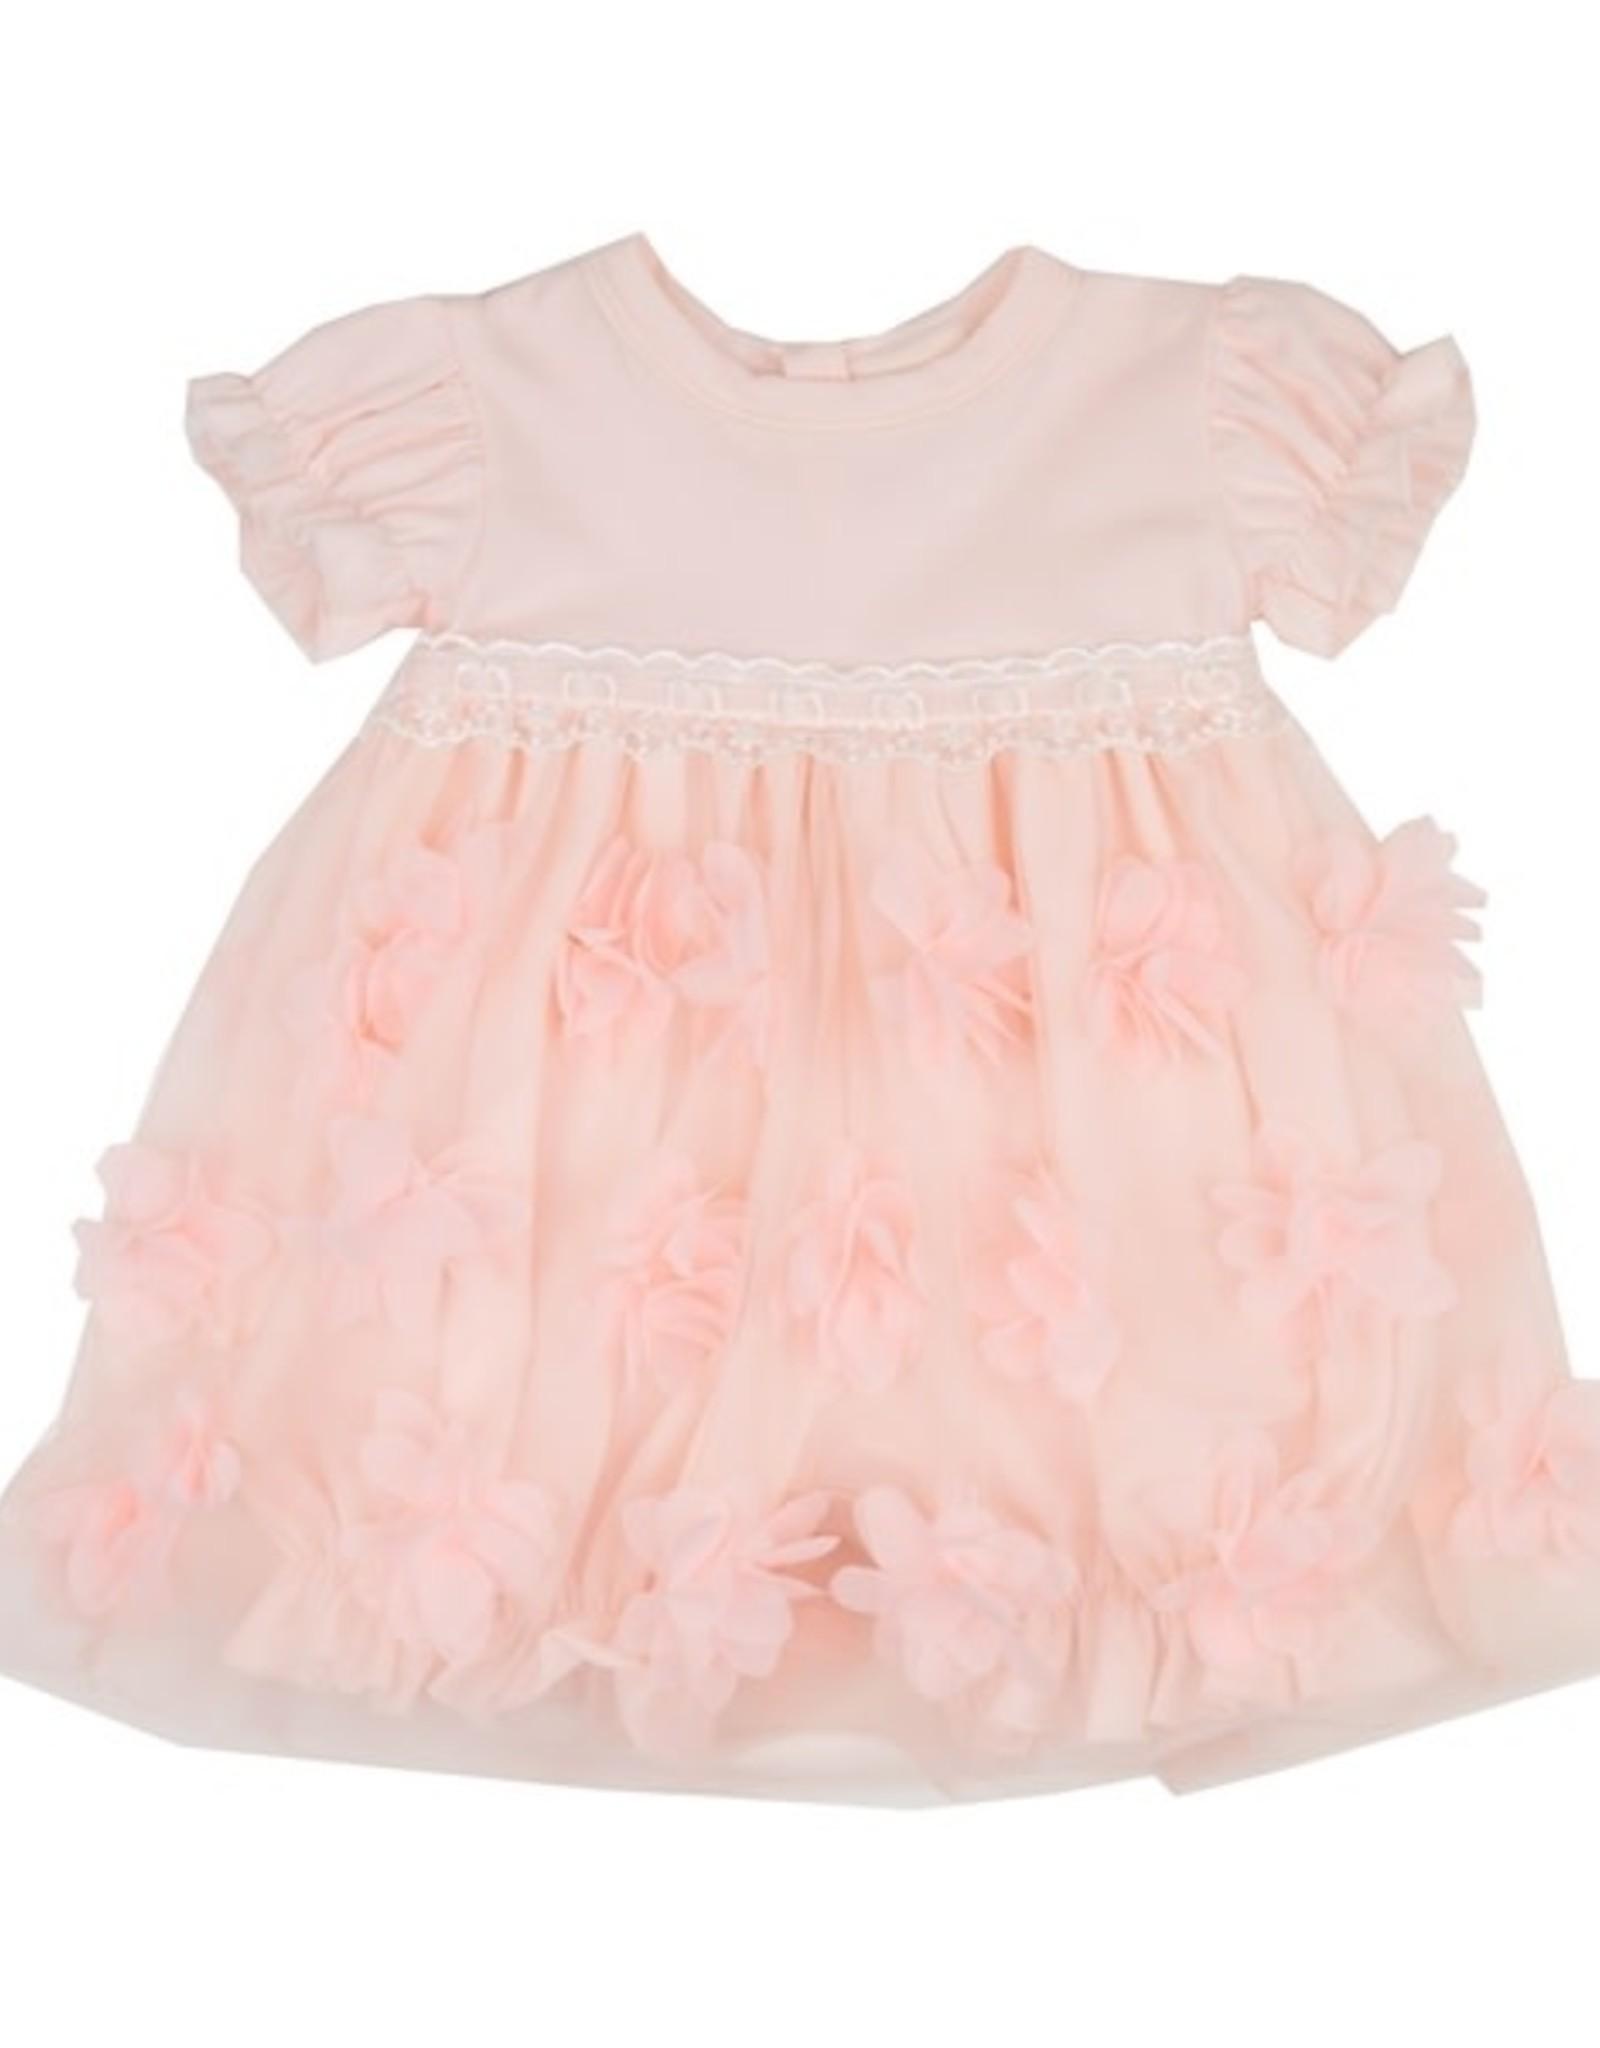 Haute Baby Peach Blossom Bubble Dress